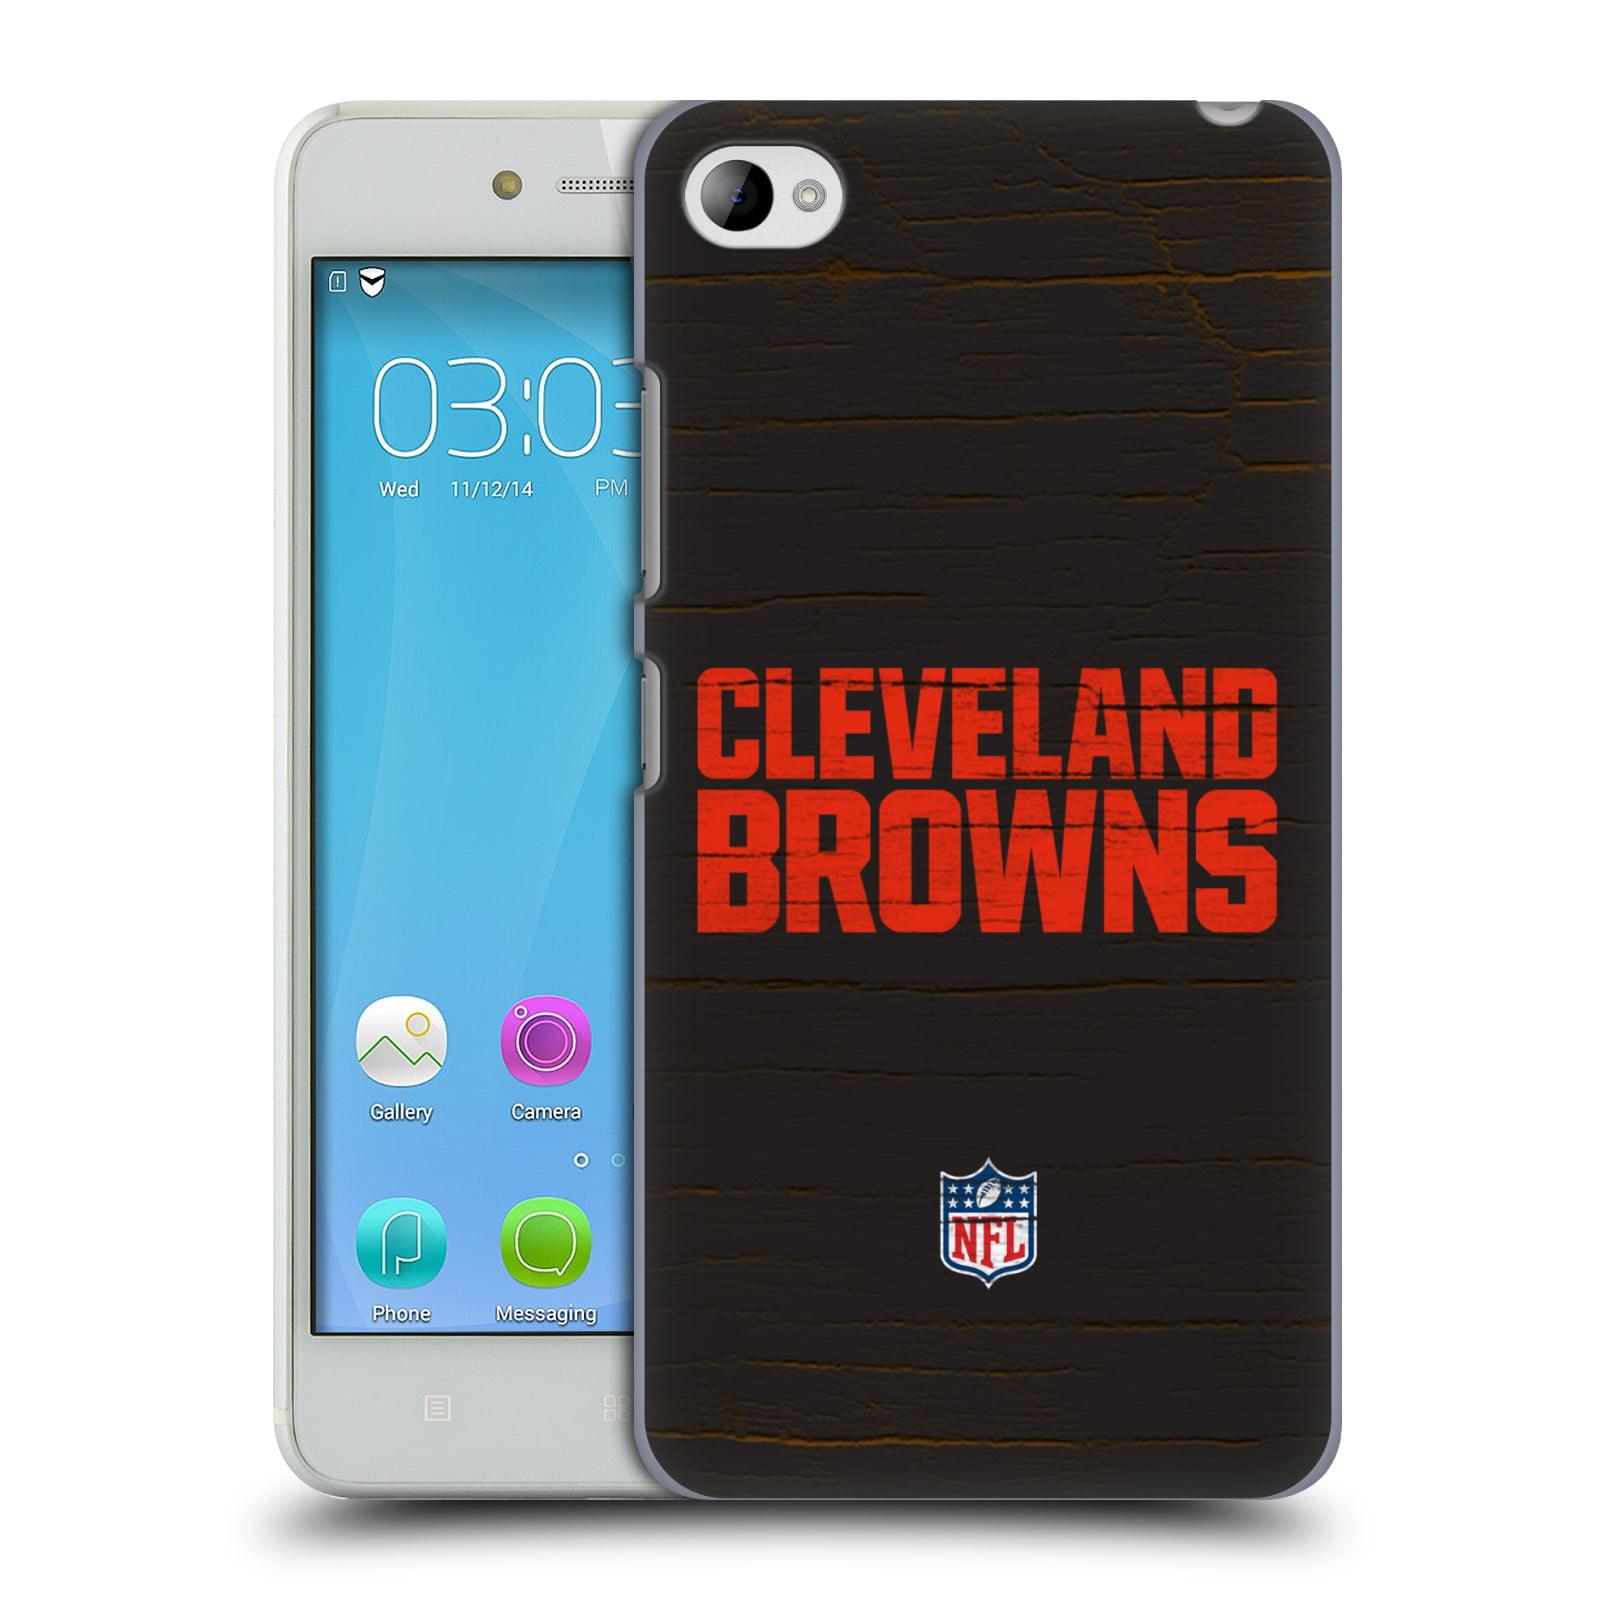 OFFICIAL NFL CLEVELAND BROWNS LOGO HARD BACK CASE FOR LENOVO PHONES